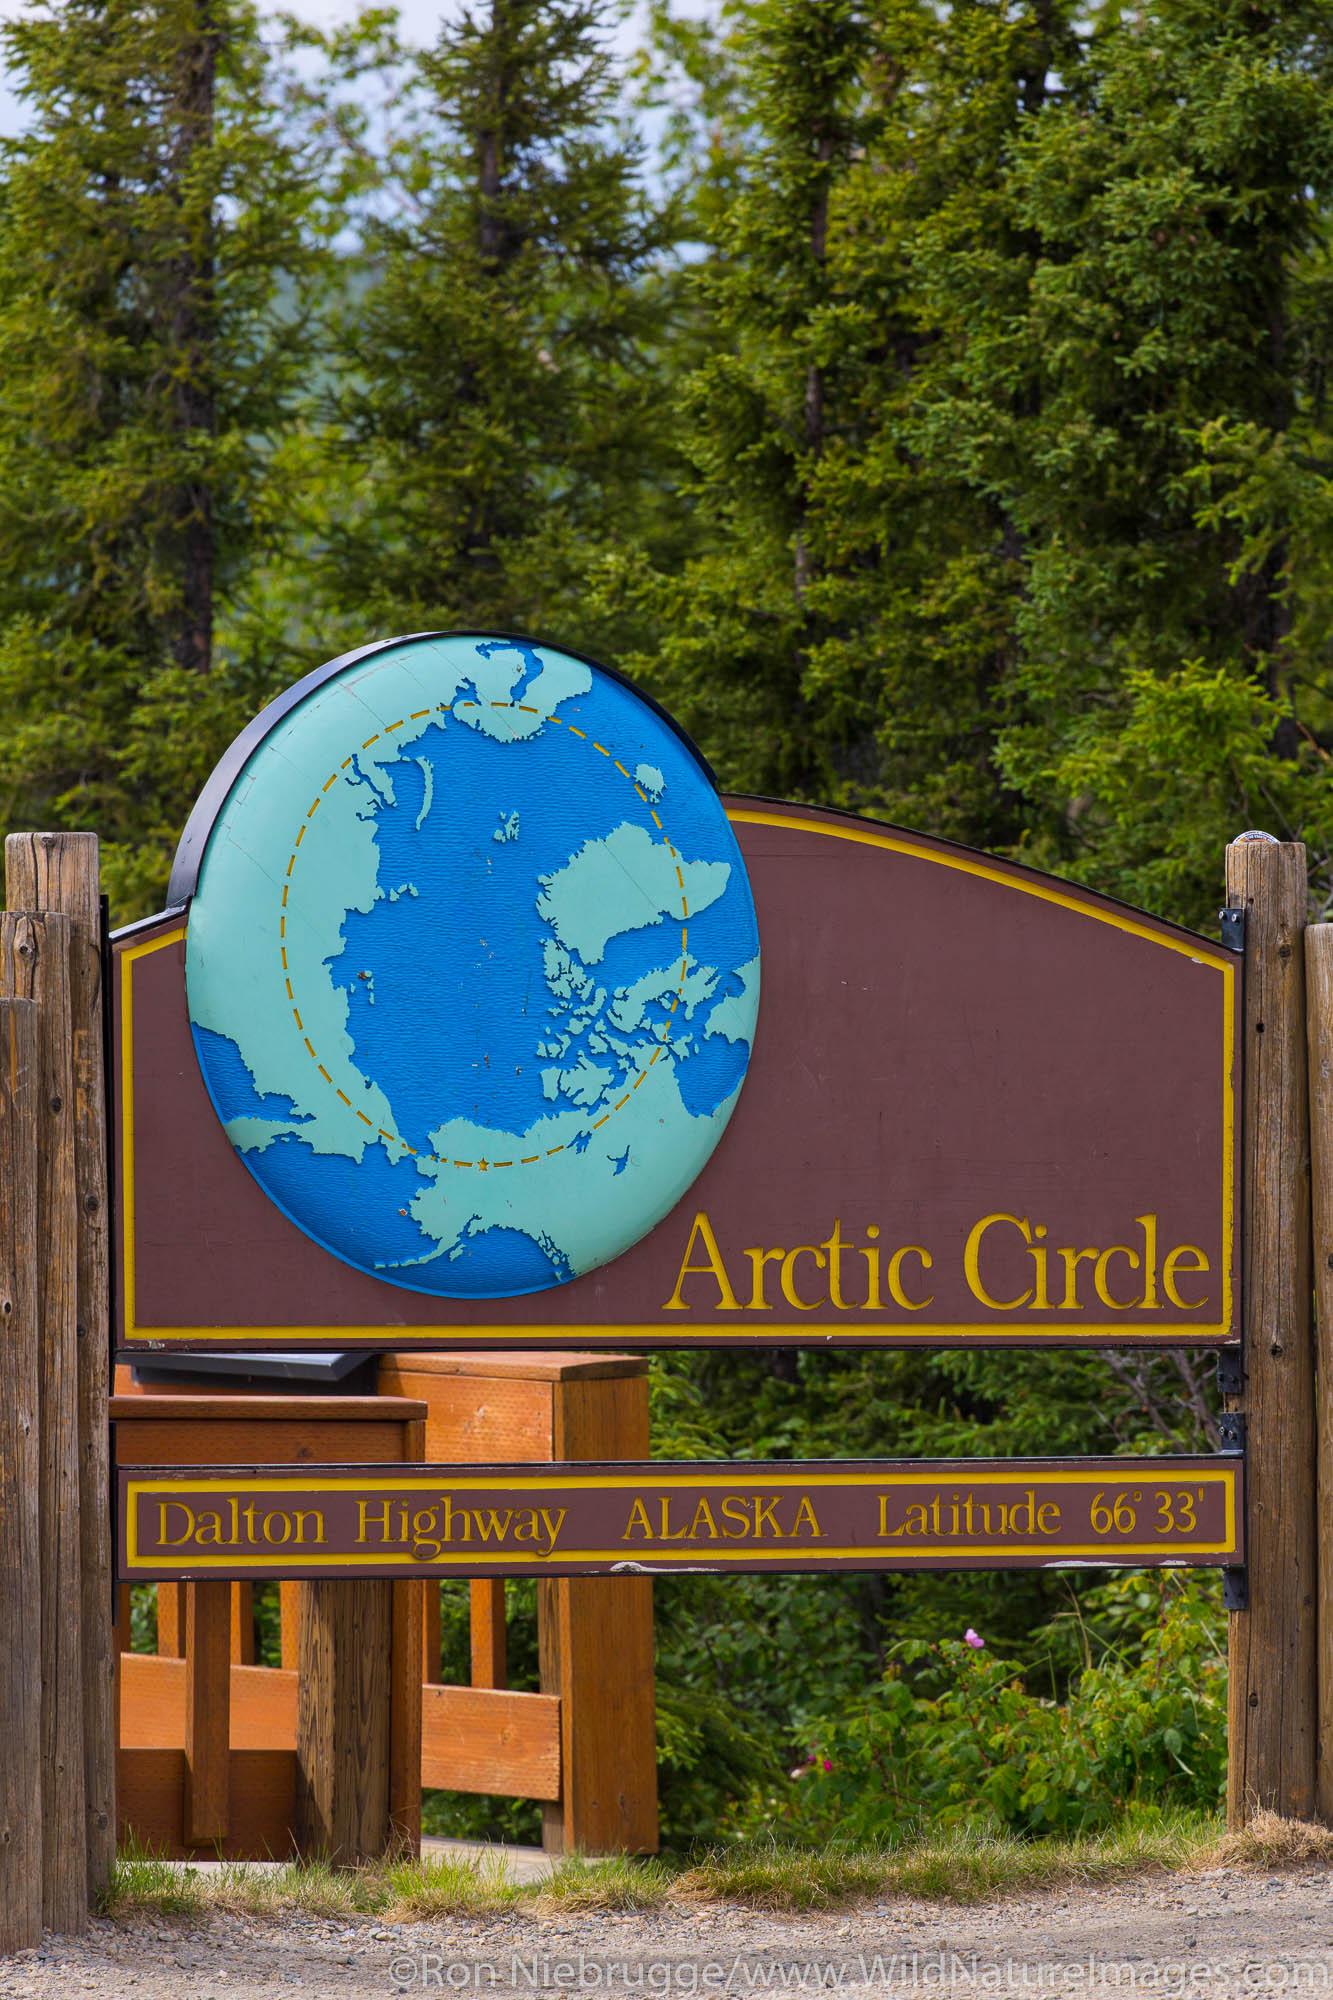 Arctic Circle sign, Dalton Highway, Alaska.